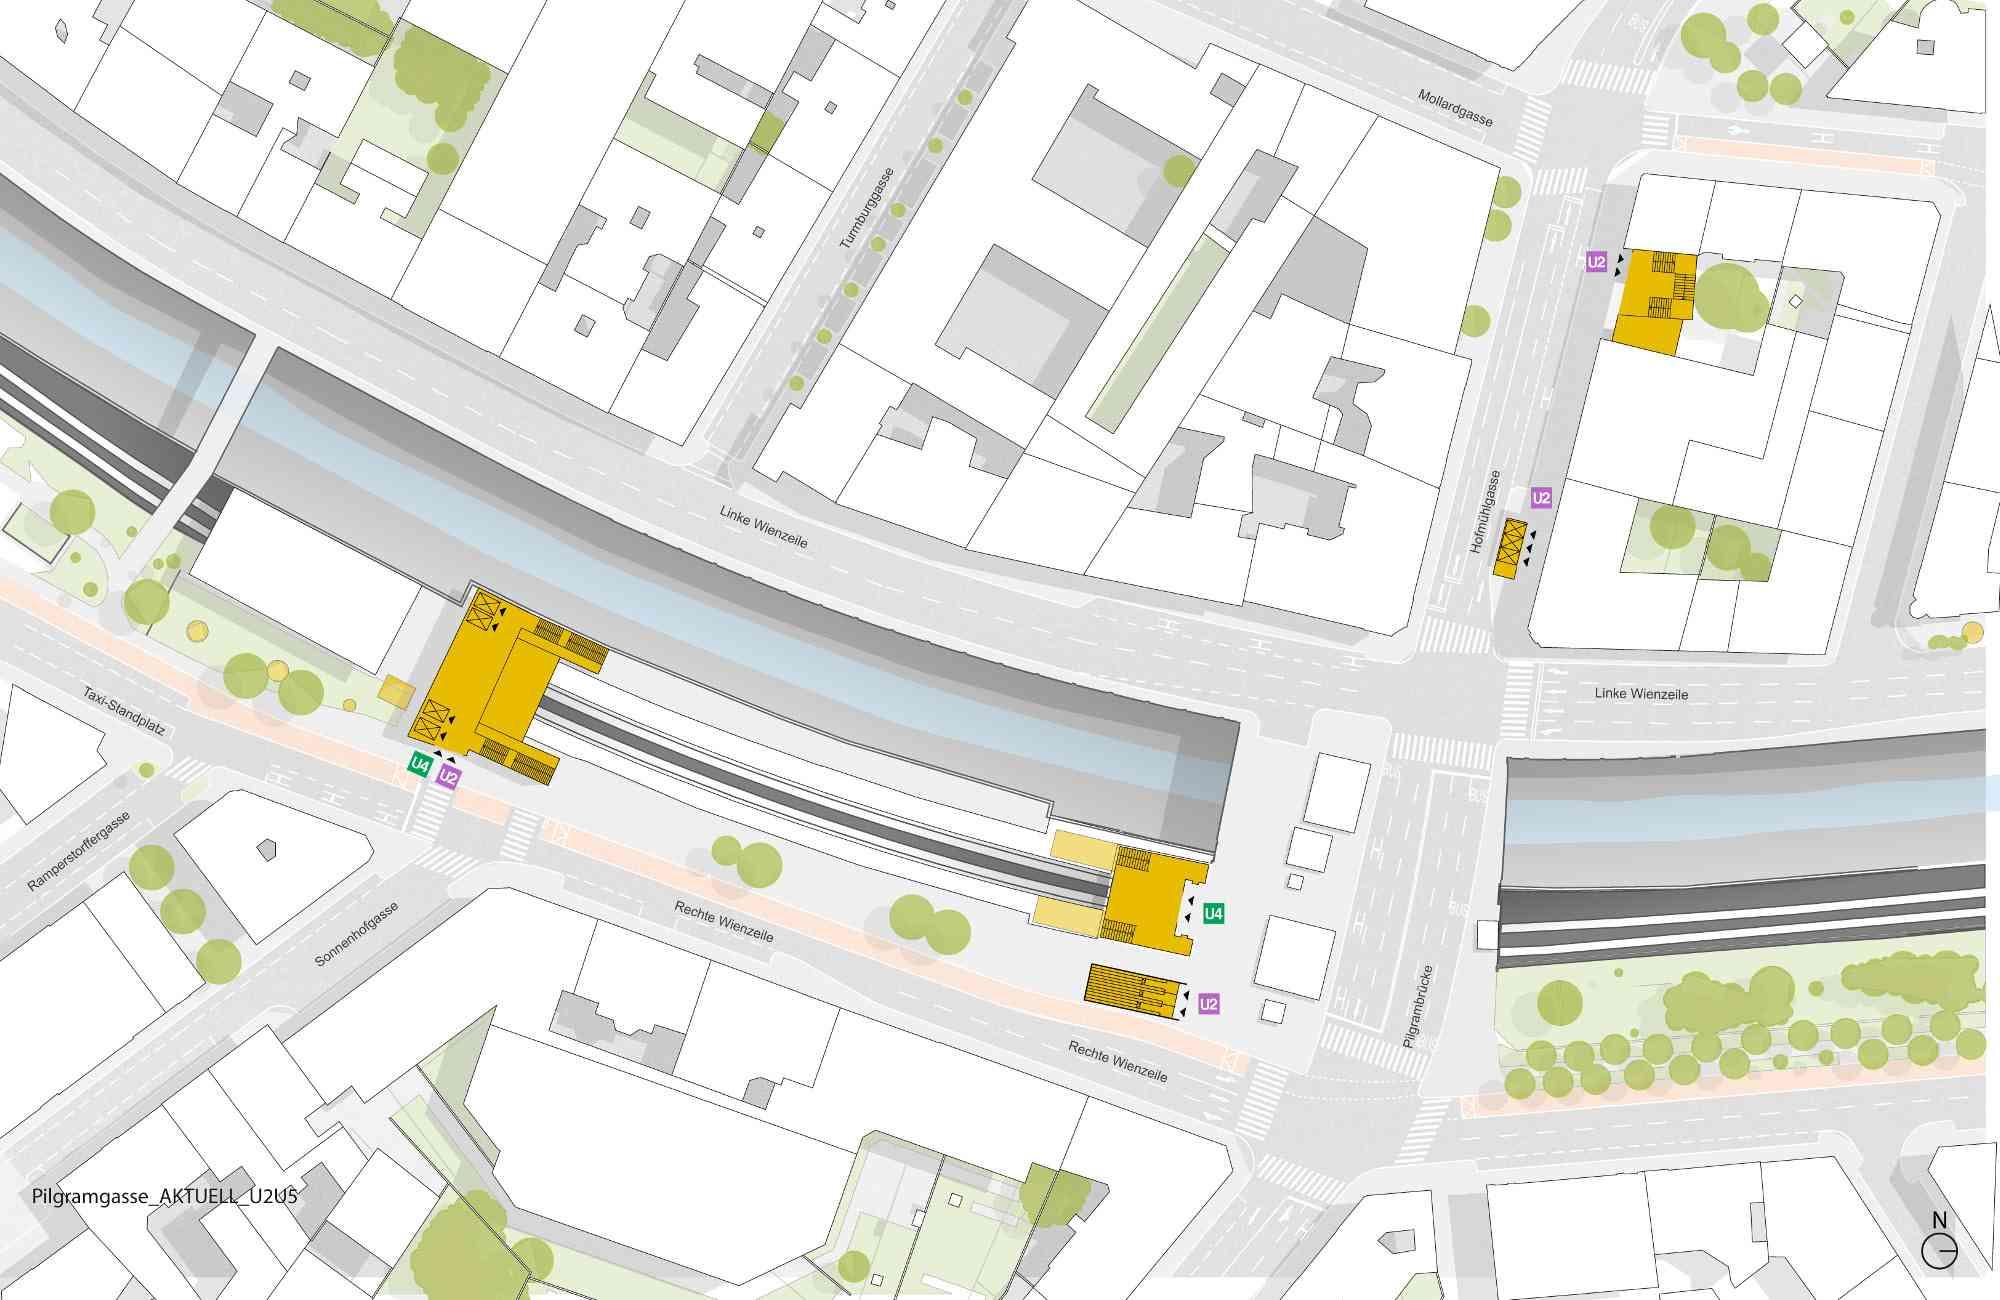 Aufgänge gibt es künftig auf beiden Seiten des Wienflusses: In der Hofmühlgasse im 6. Bezirk und höhe Sonnenhofgasse im 5. Bezirk.